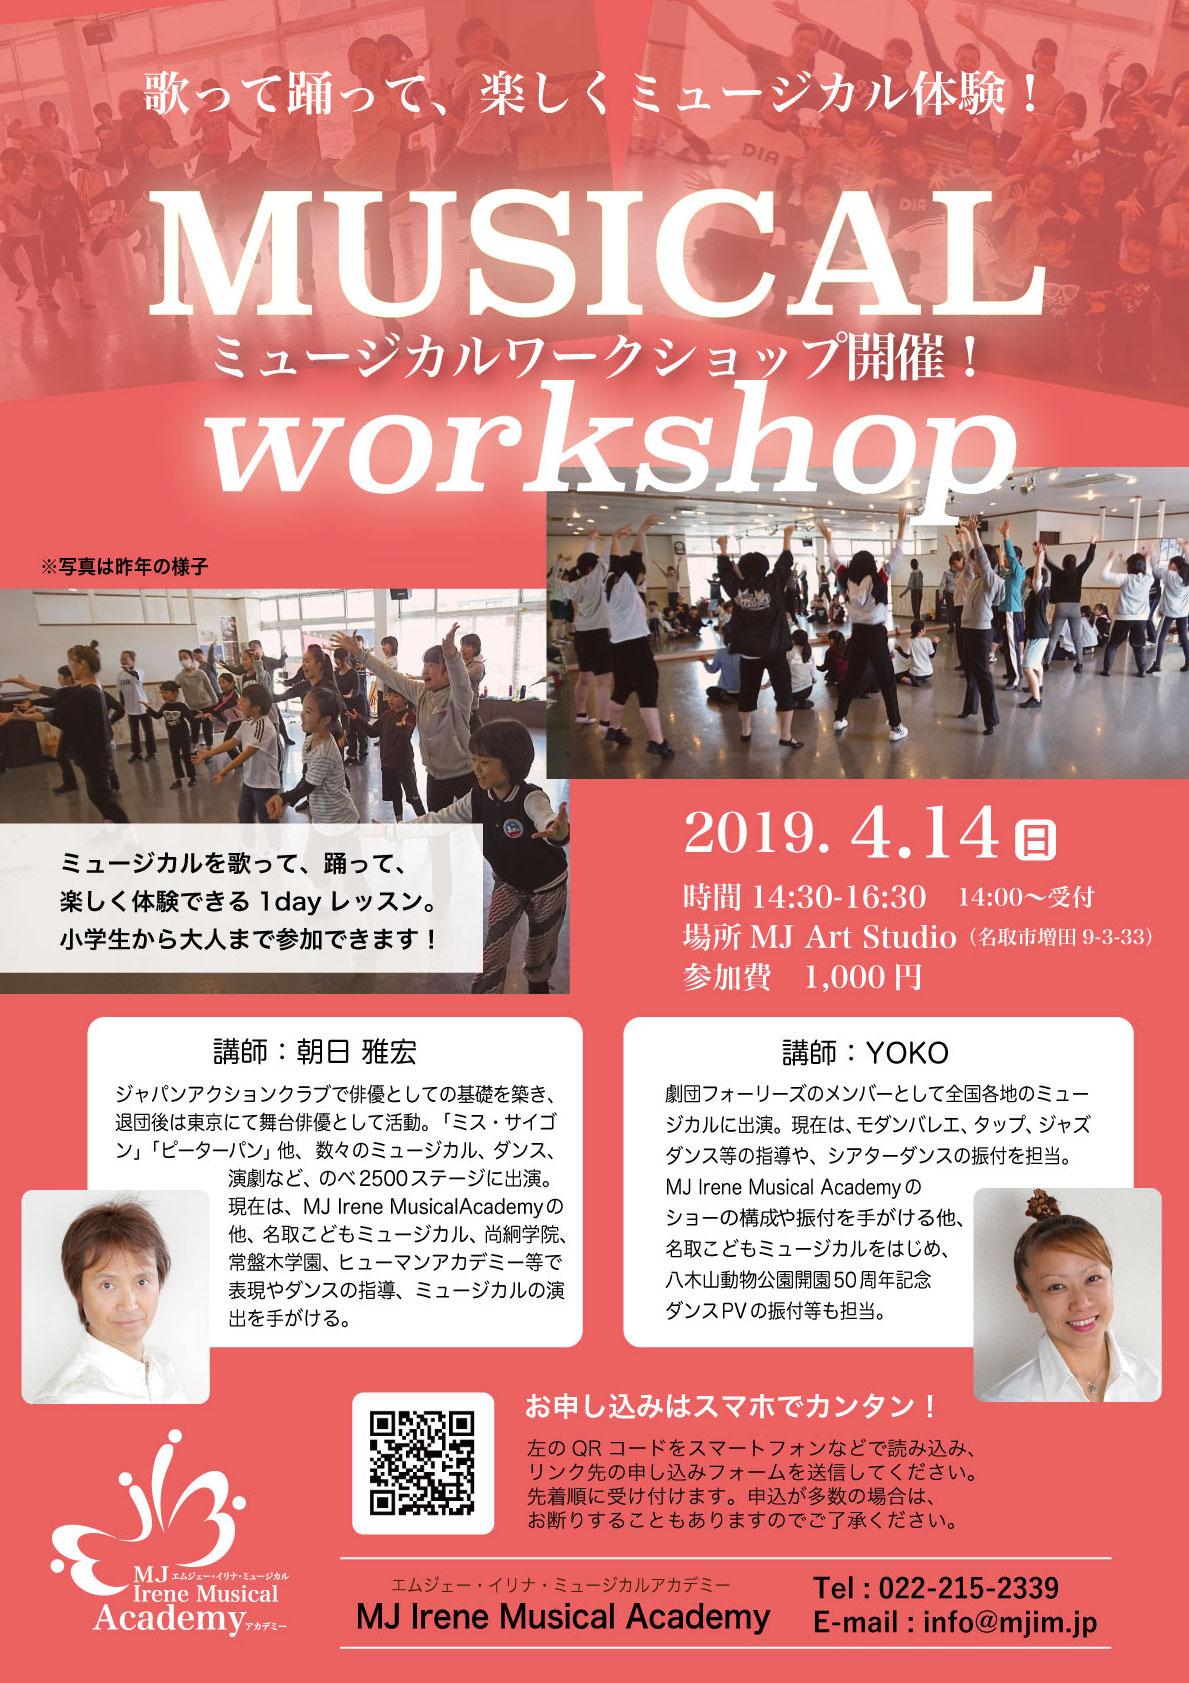 春のミュージカルワークショップを開催します